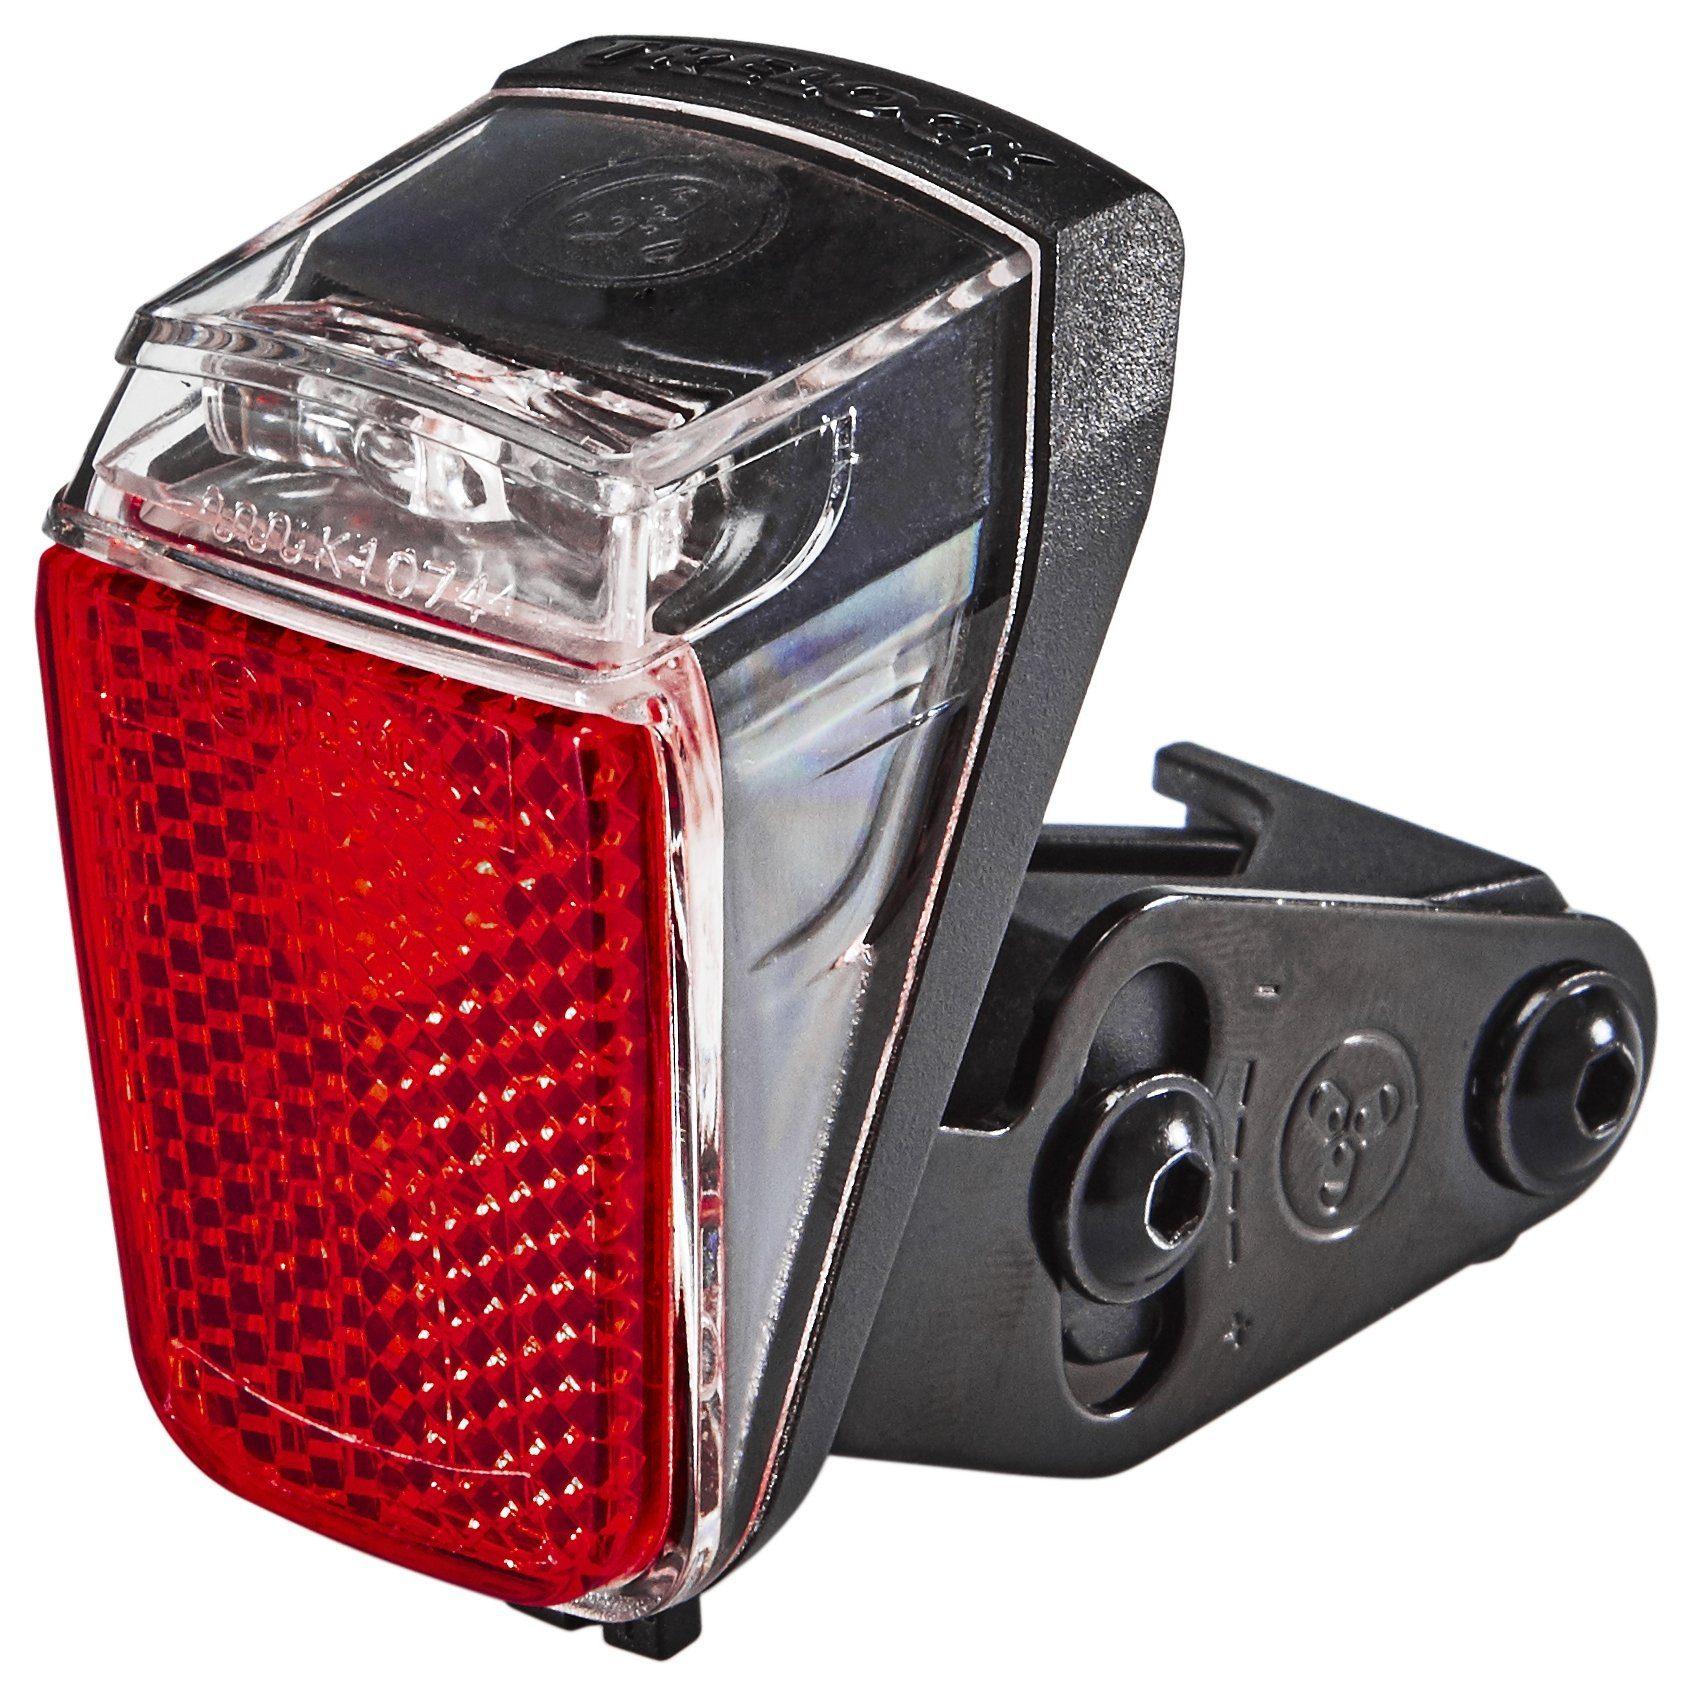 Trelock Fahrradbeleuchtung »LS 633 DUO TOP«